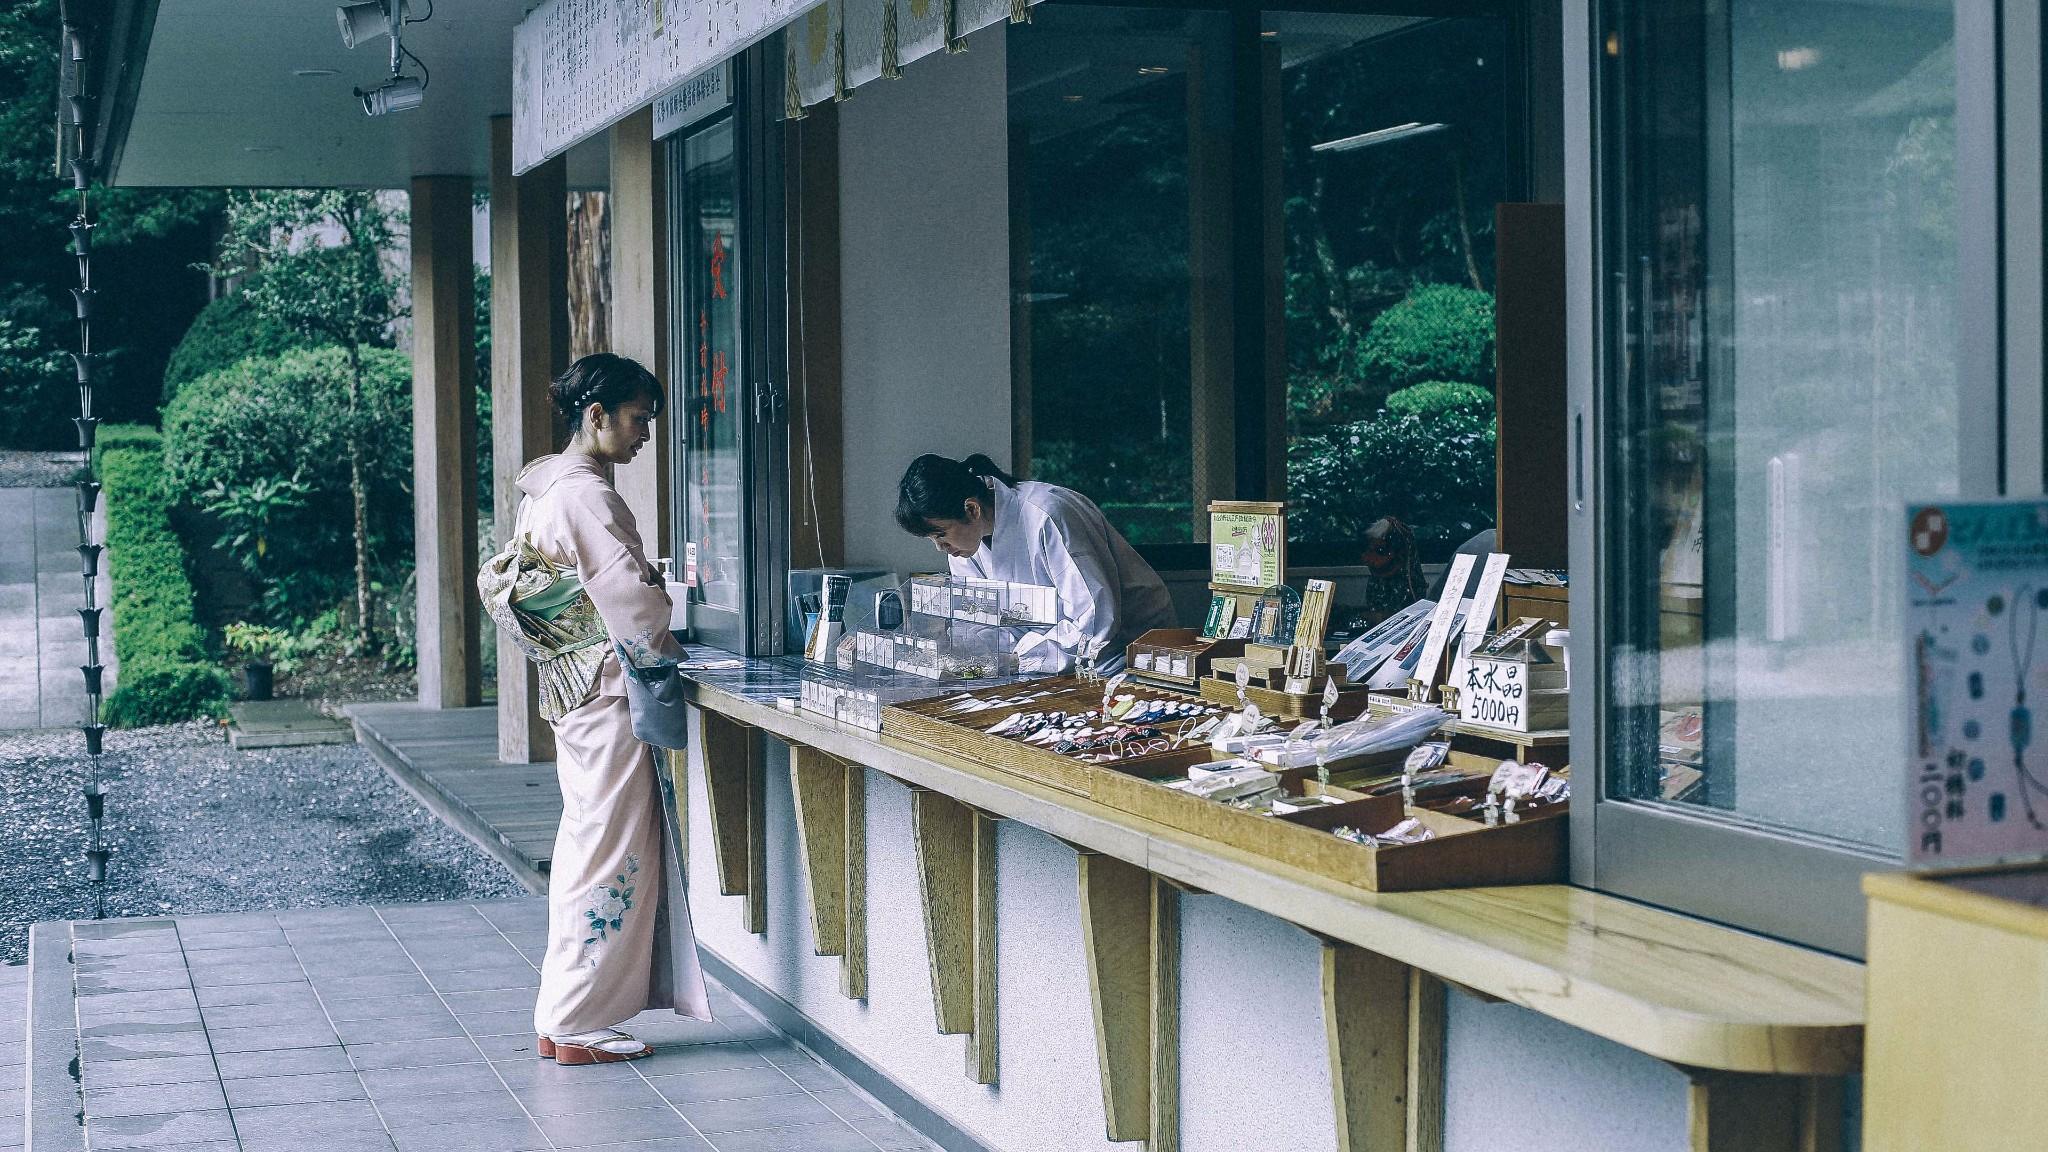 【鸟取市景点图片】宇倍神社